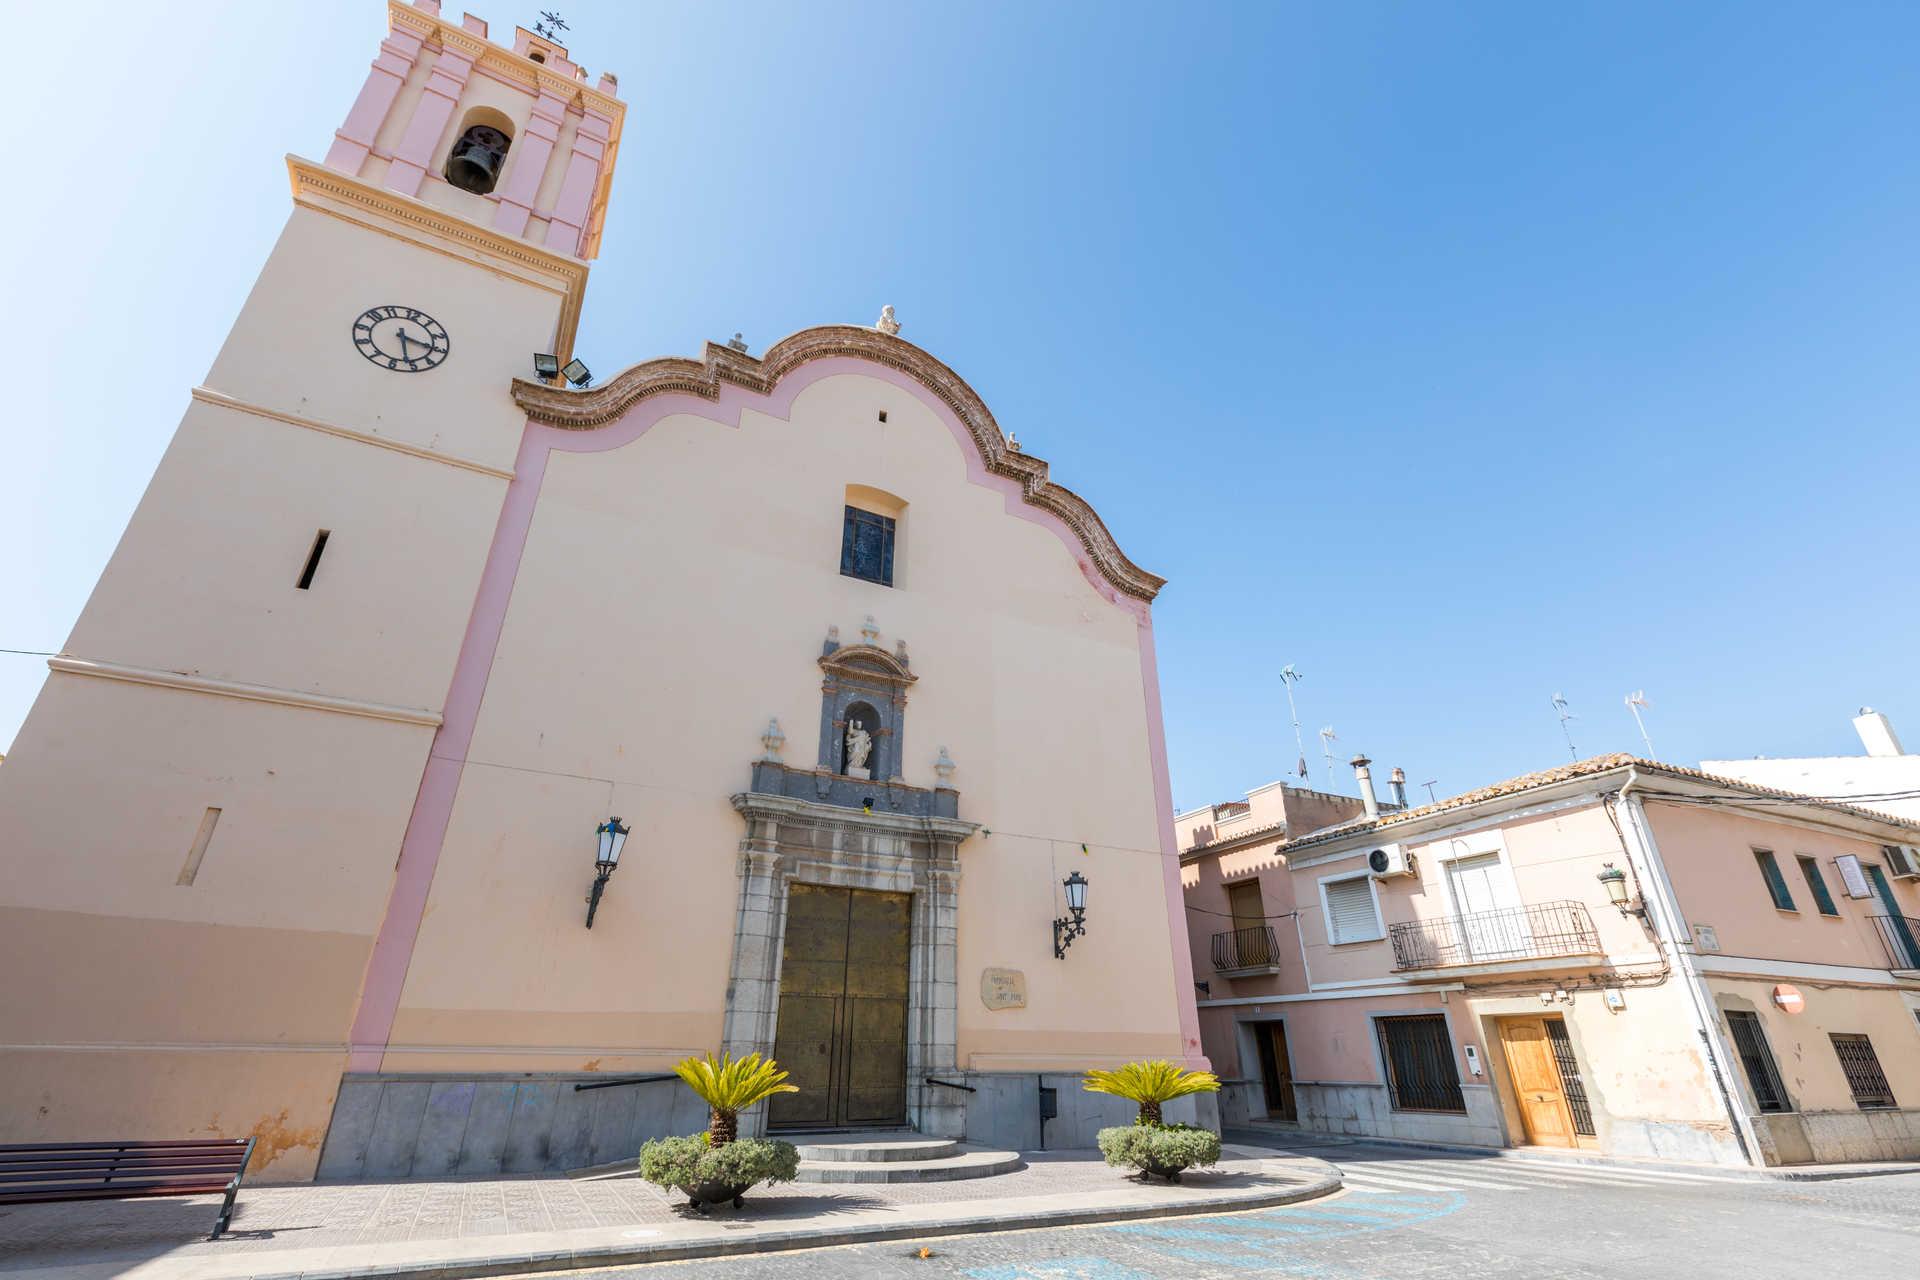 https://multimedia.comunitatvalenciana.com/368F6D17320347F4B15D7C7F7E4BCAF9/img/C1C7FB3C505F47C6ACC438E33827BEDC/Iglesia_San_Pedro_7H9A0634.jpg?responsive